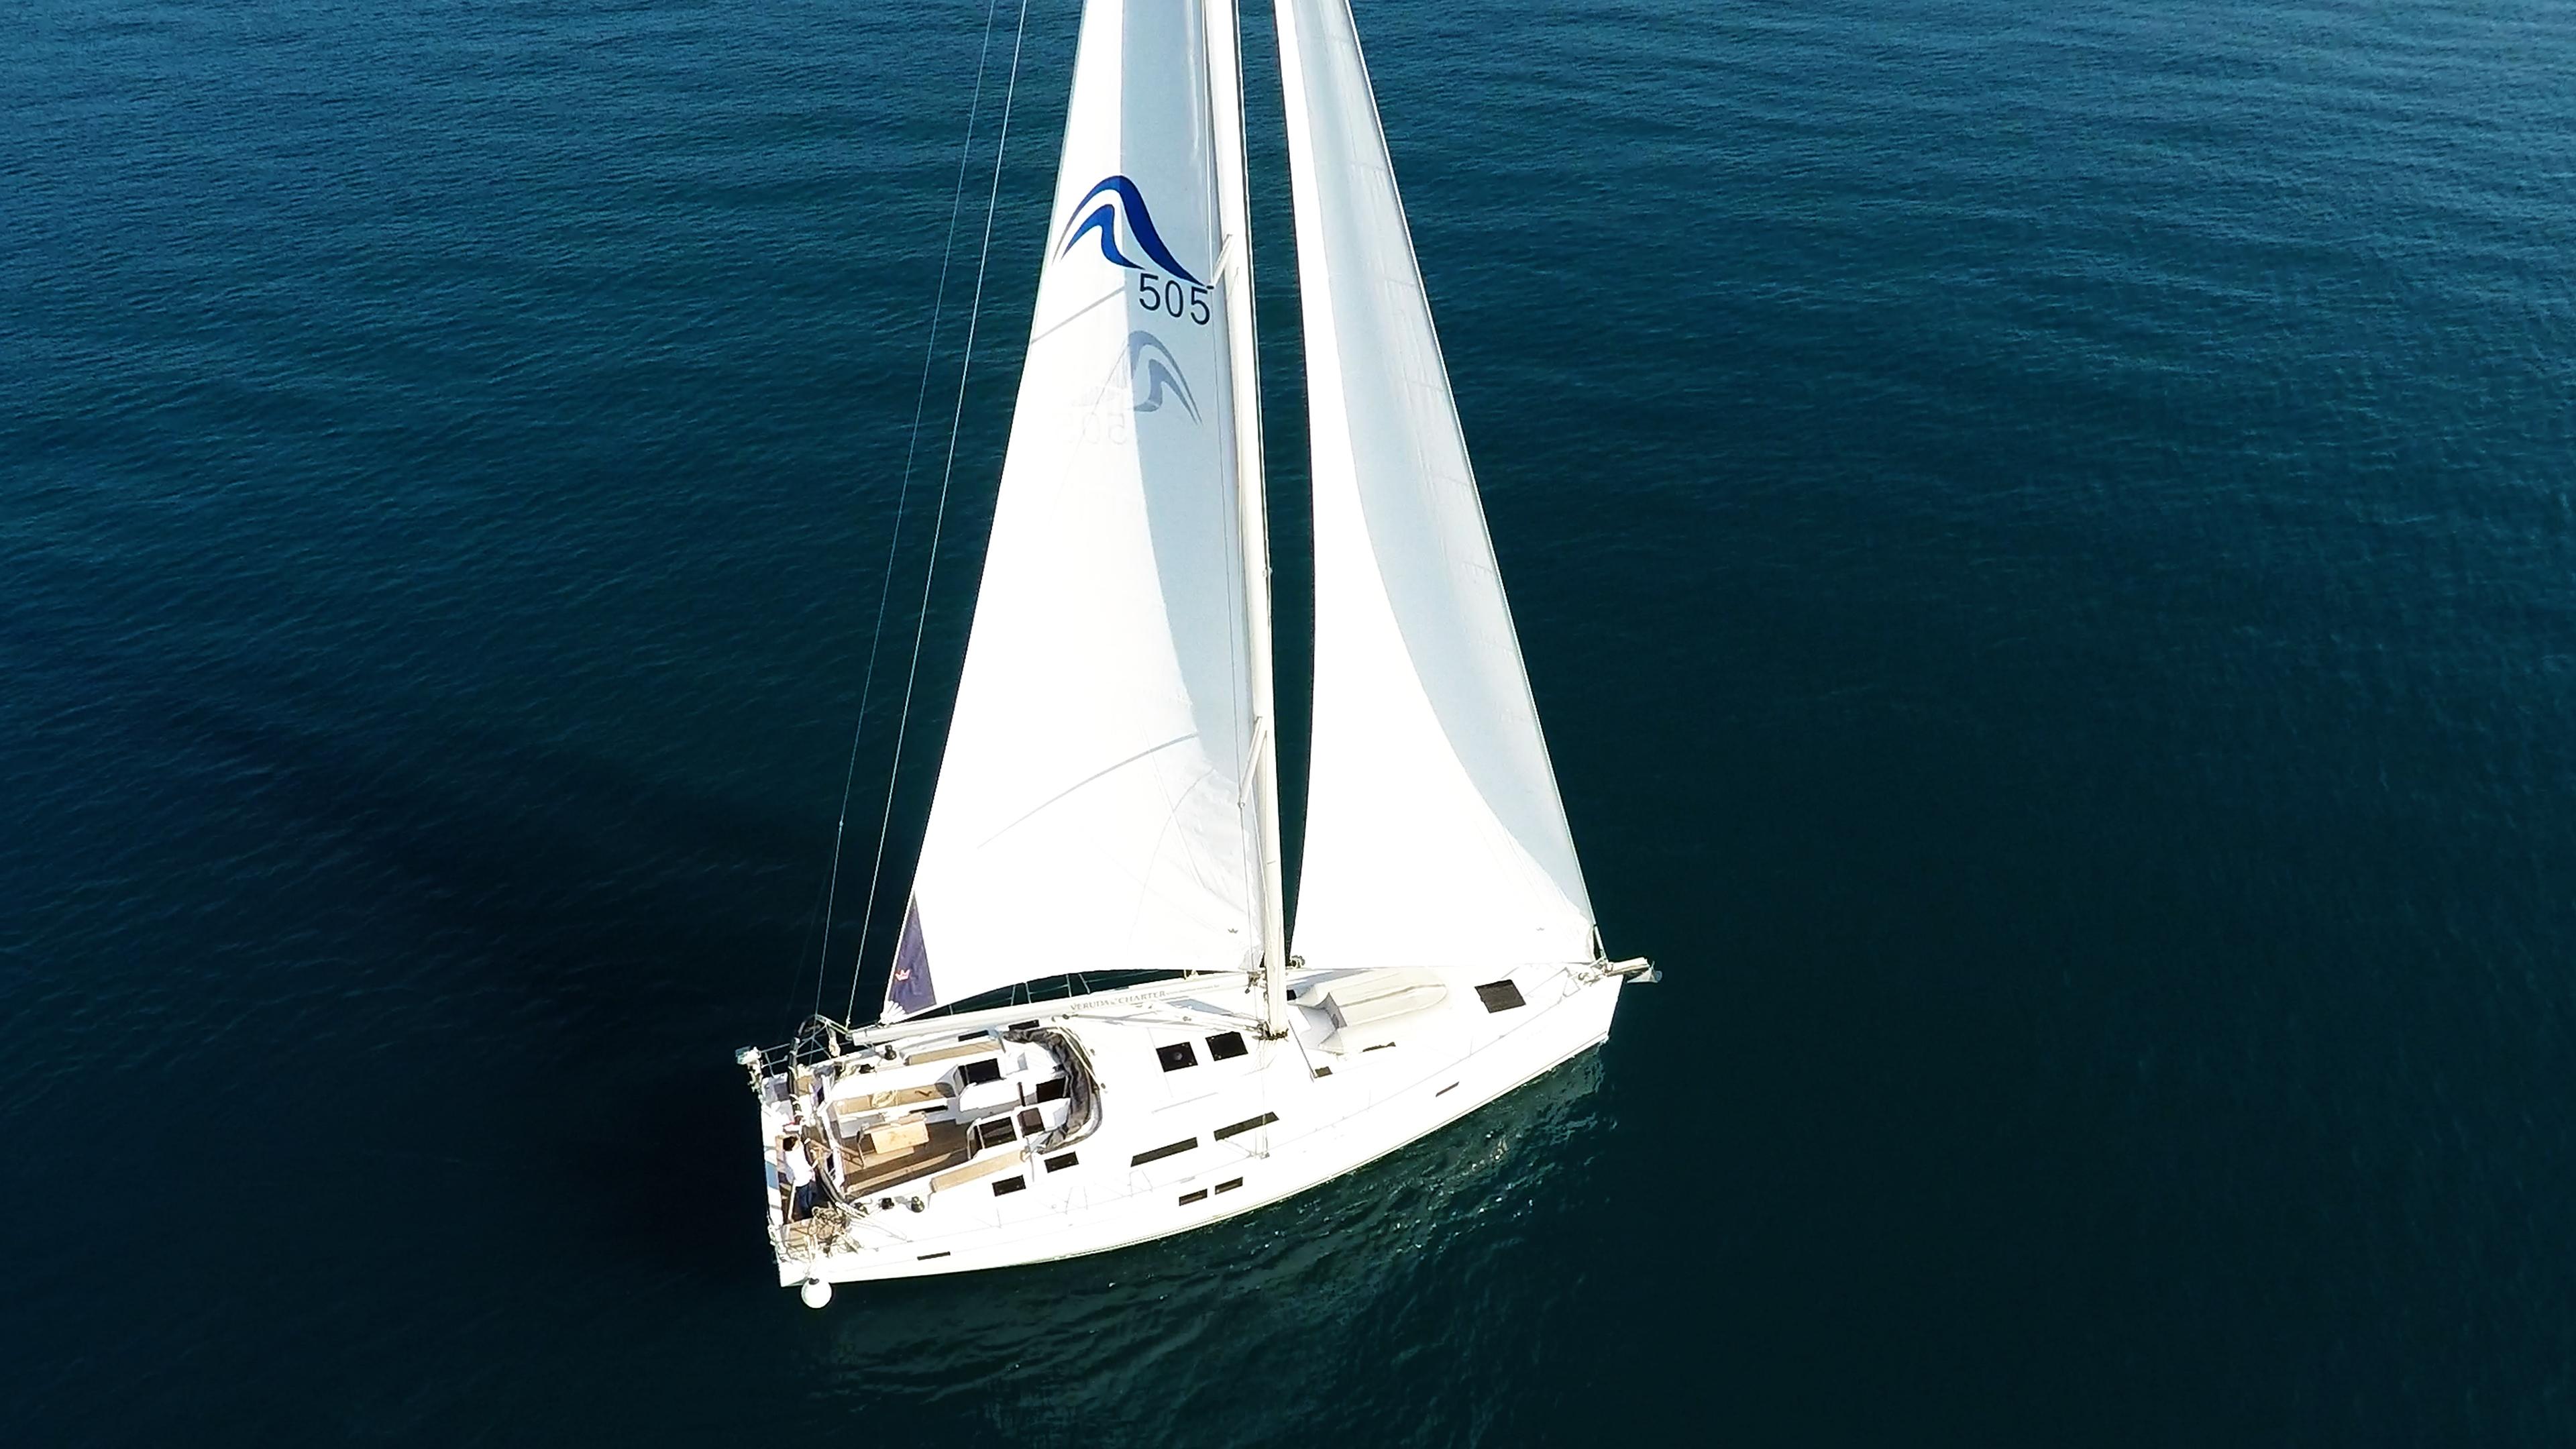 barcha a vela Hanse 505 yacht a vela 6